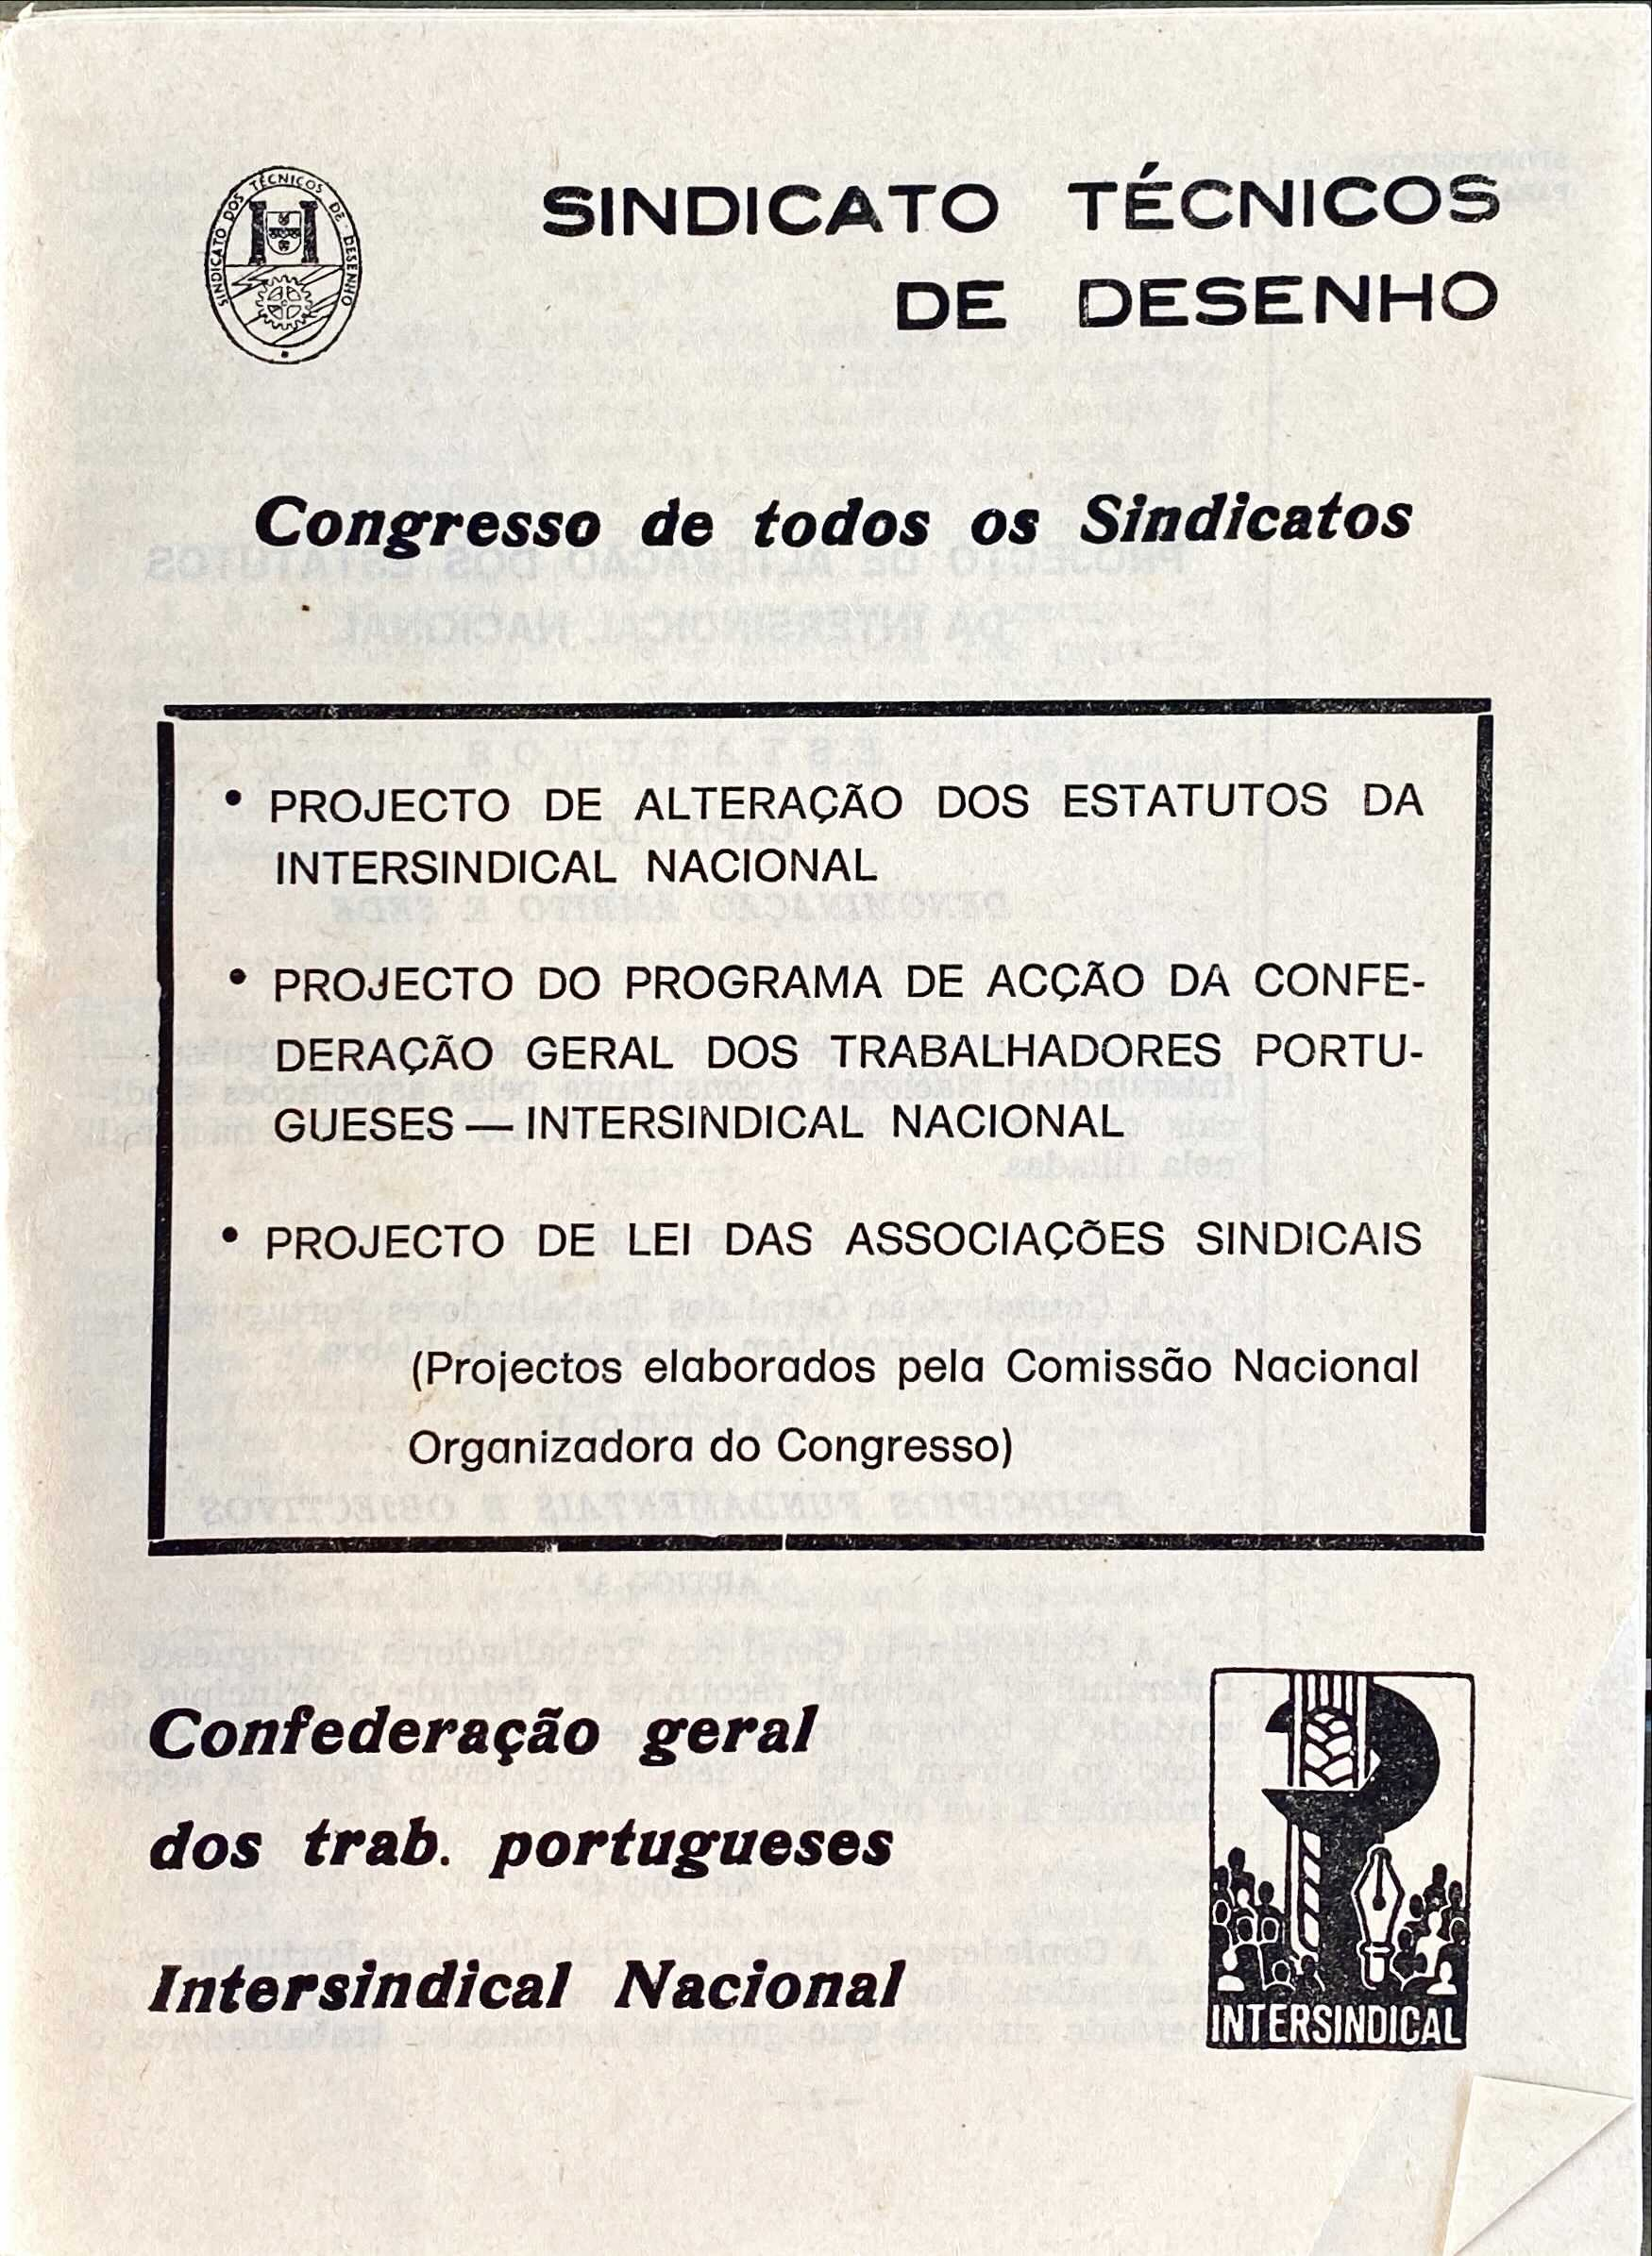 SINDICATO NACIONAL DOS TÉCNICOS DE DESENHO